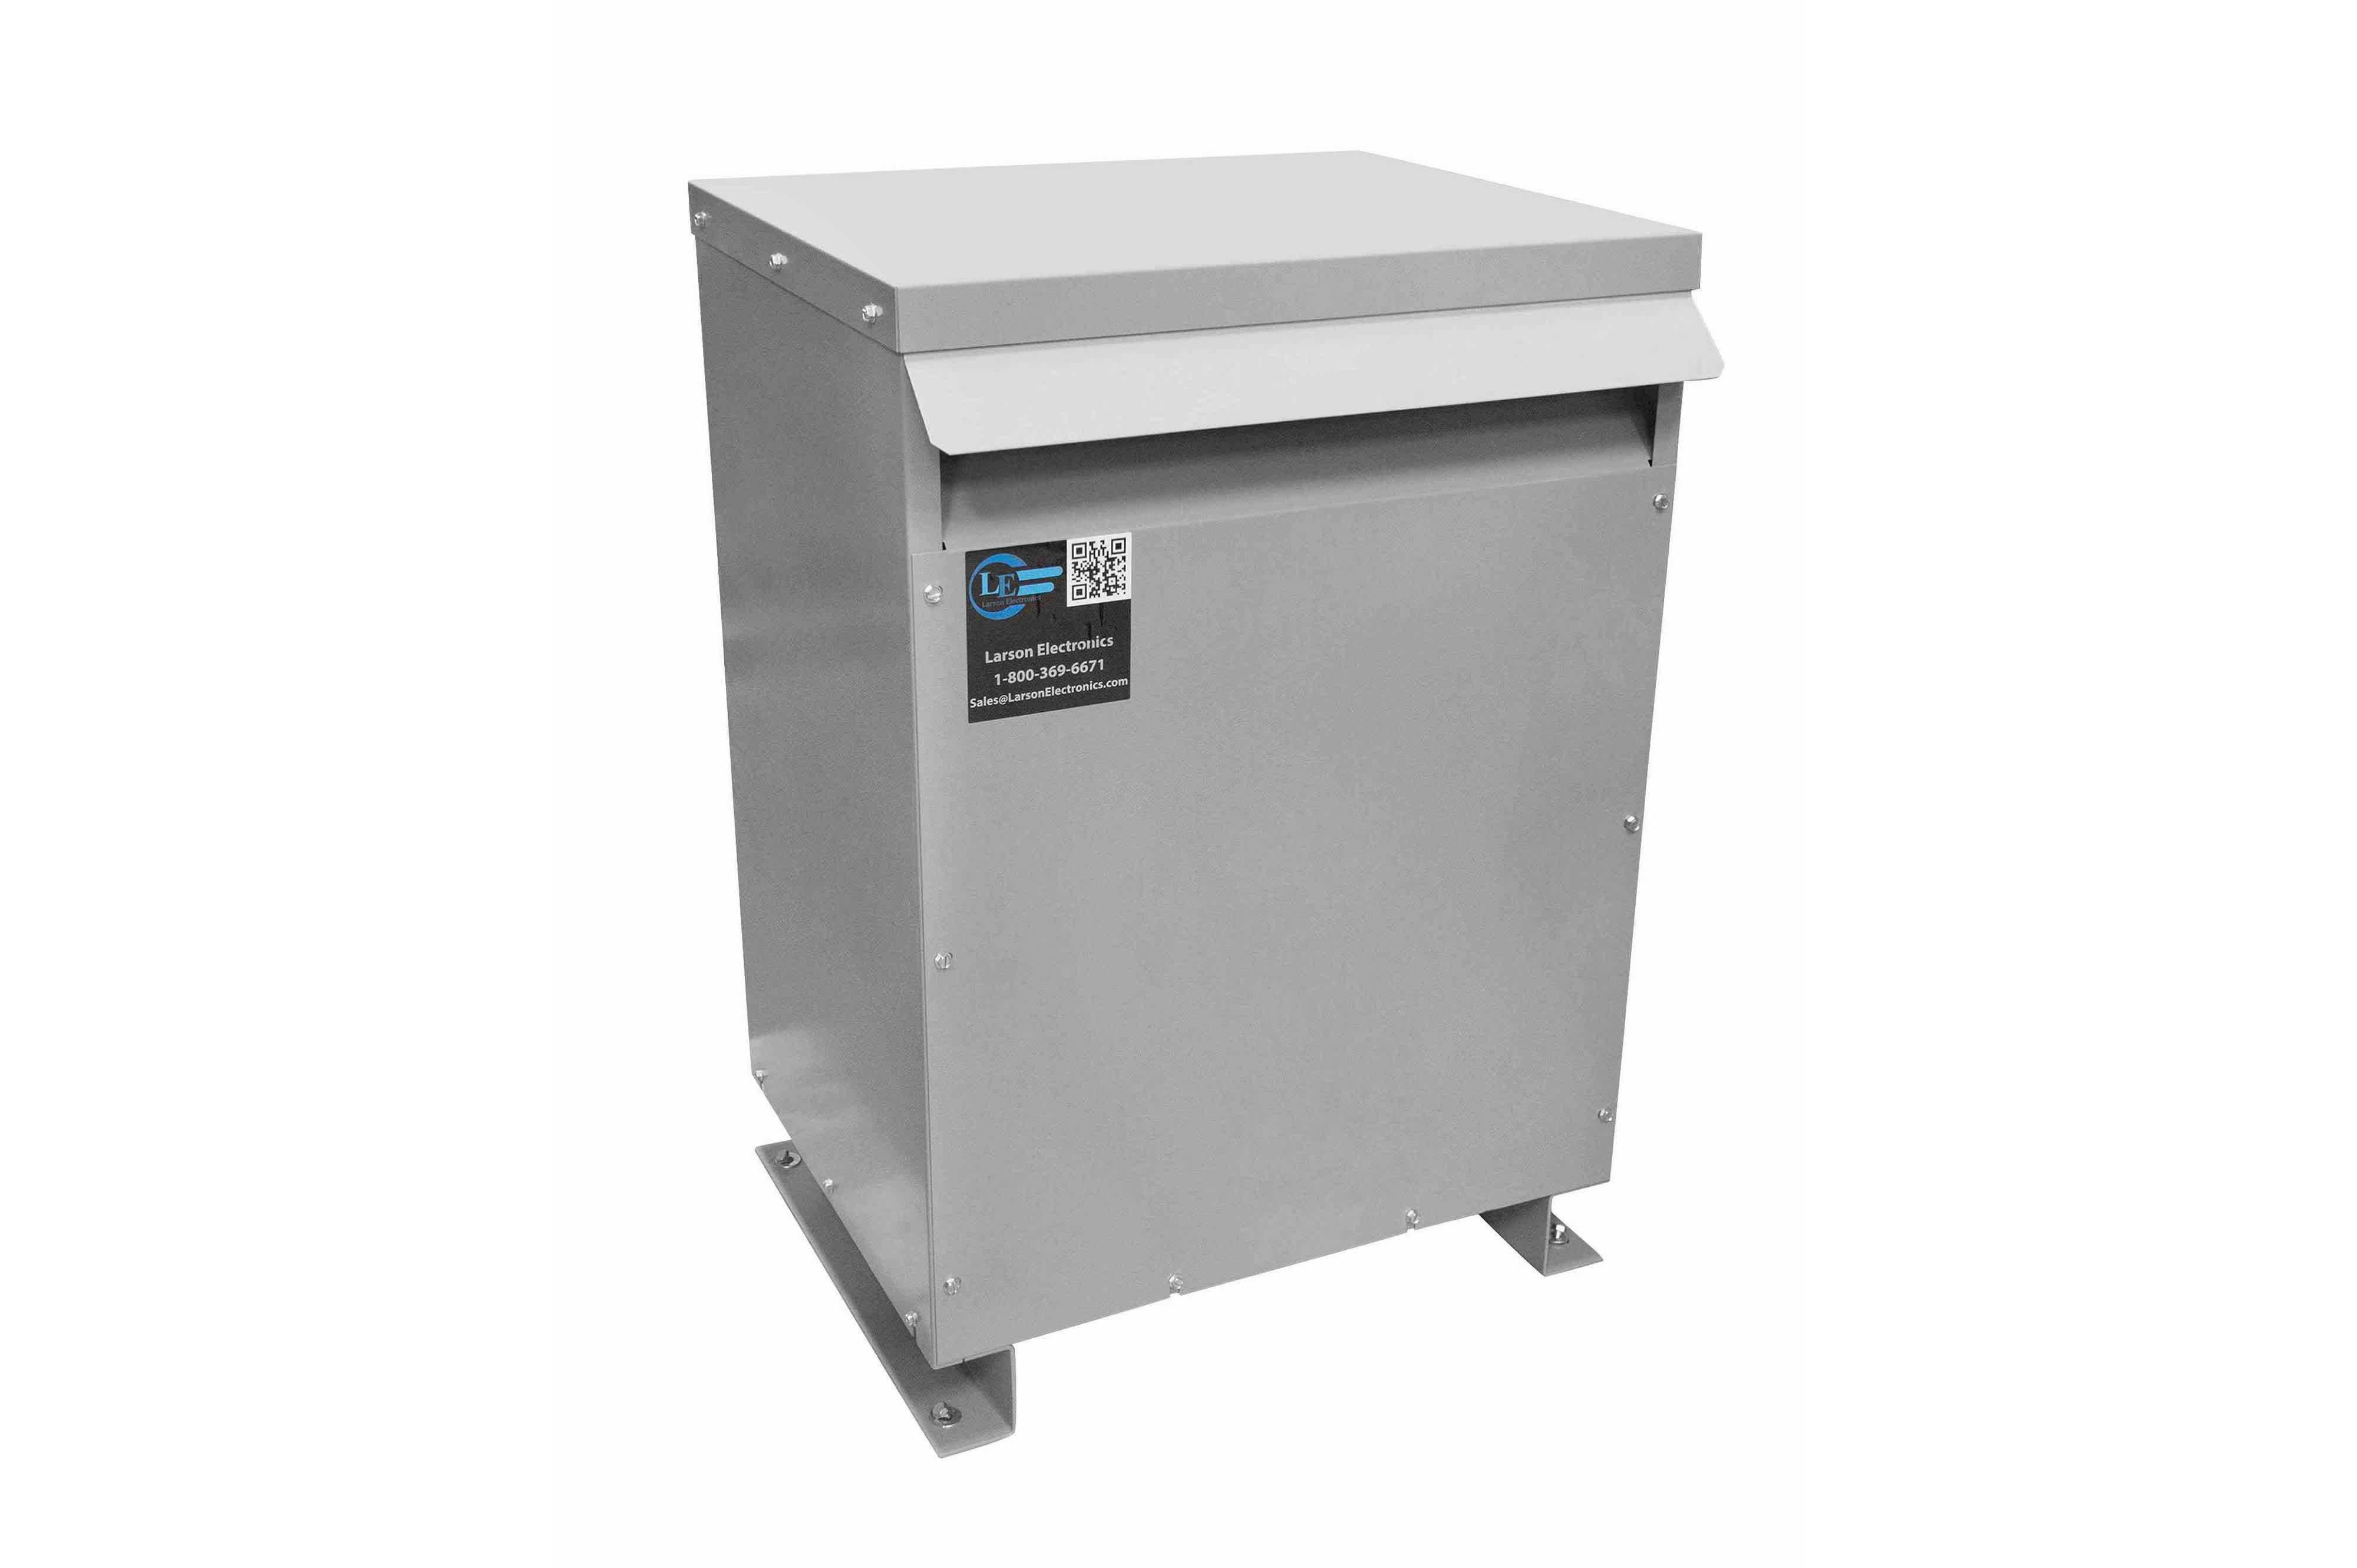 45 kVA 3PH DOE Transformer, 480V Delta Primary, 240V/120 Delta Secondary, N3R, Ventilated, 60 Hz